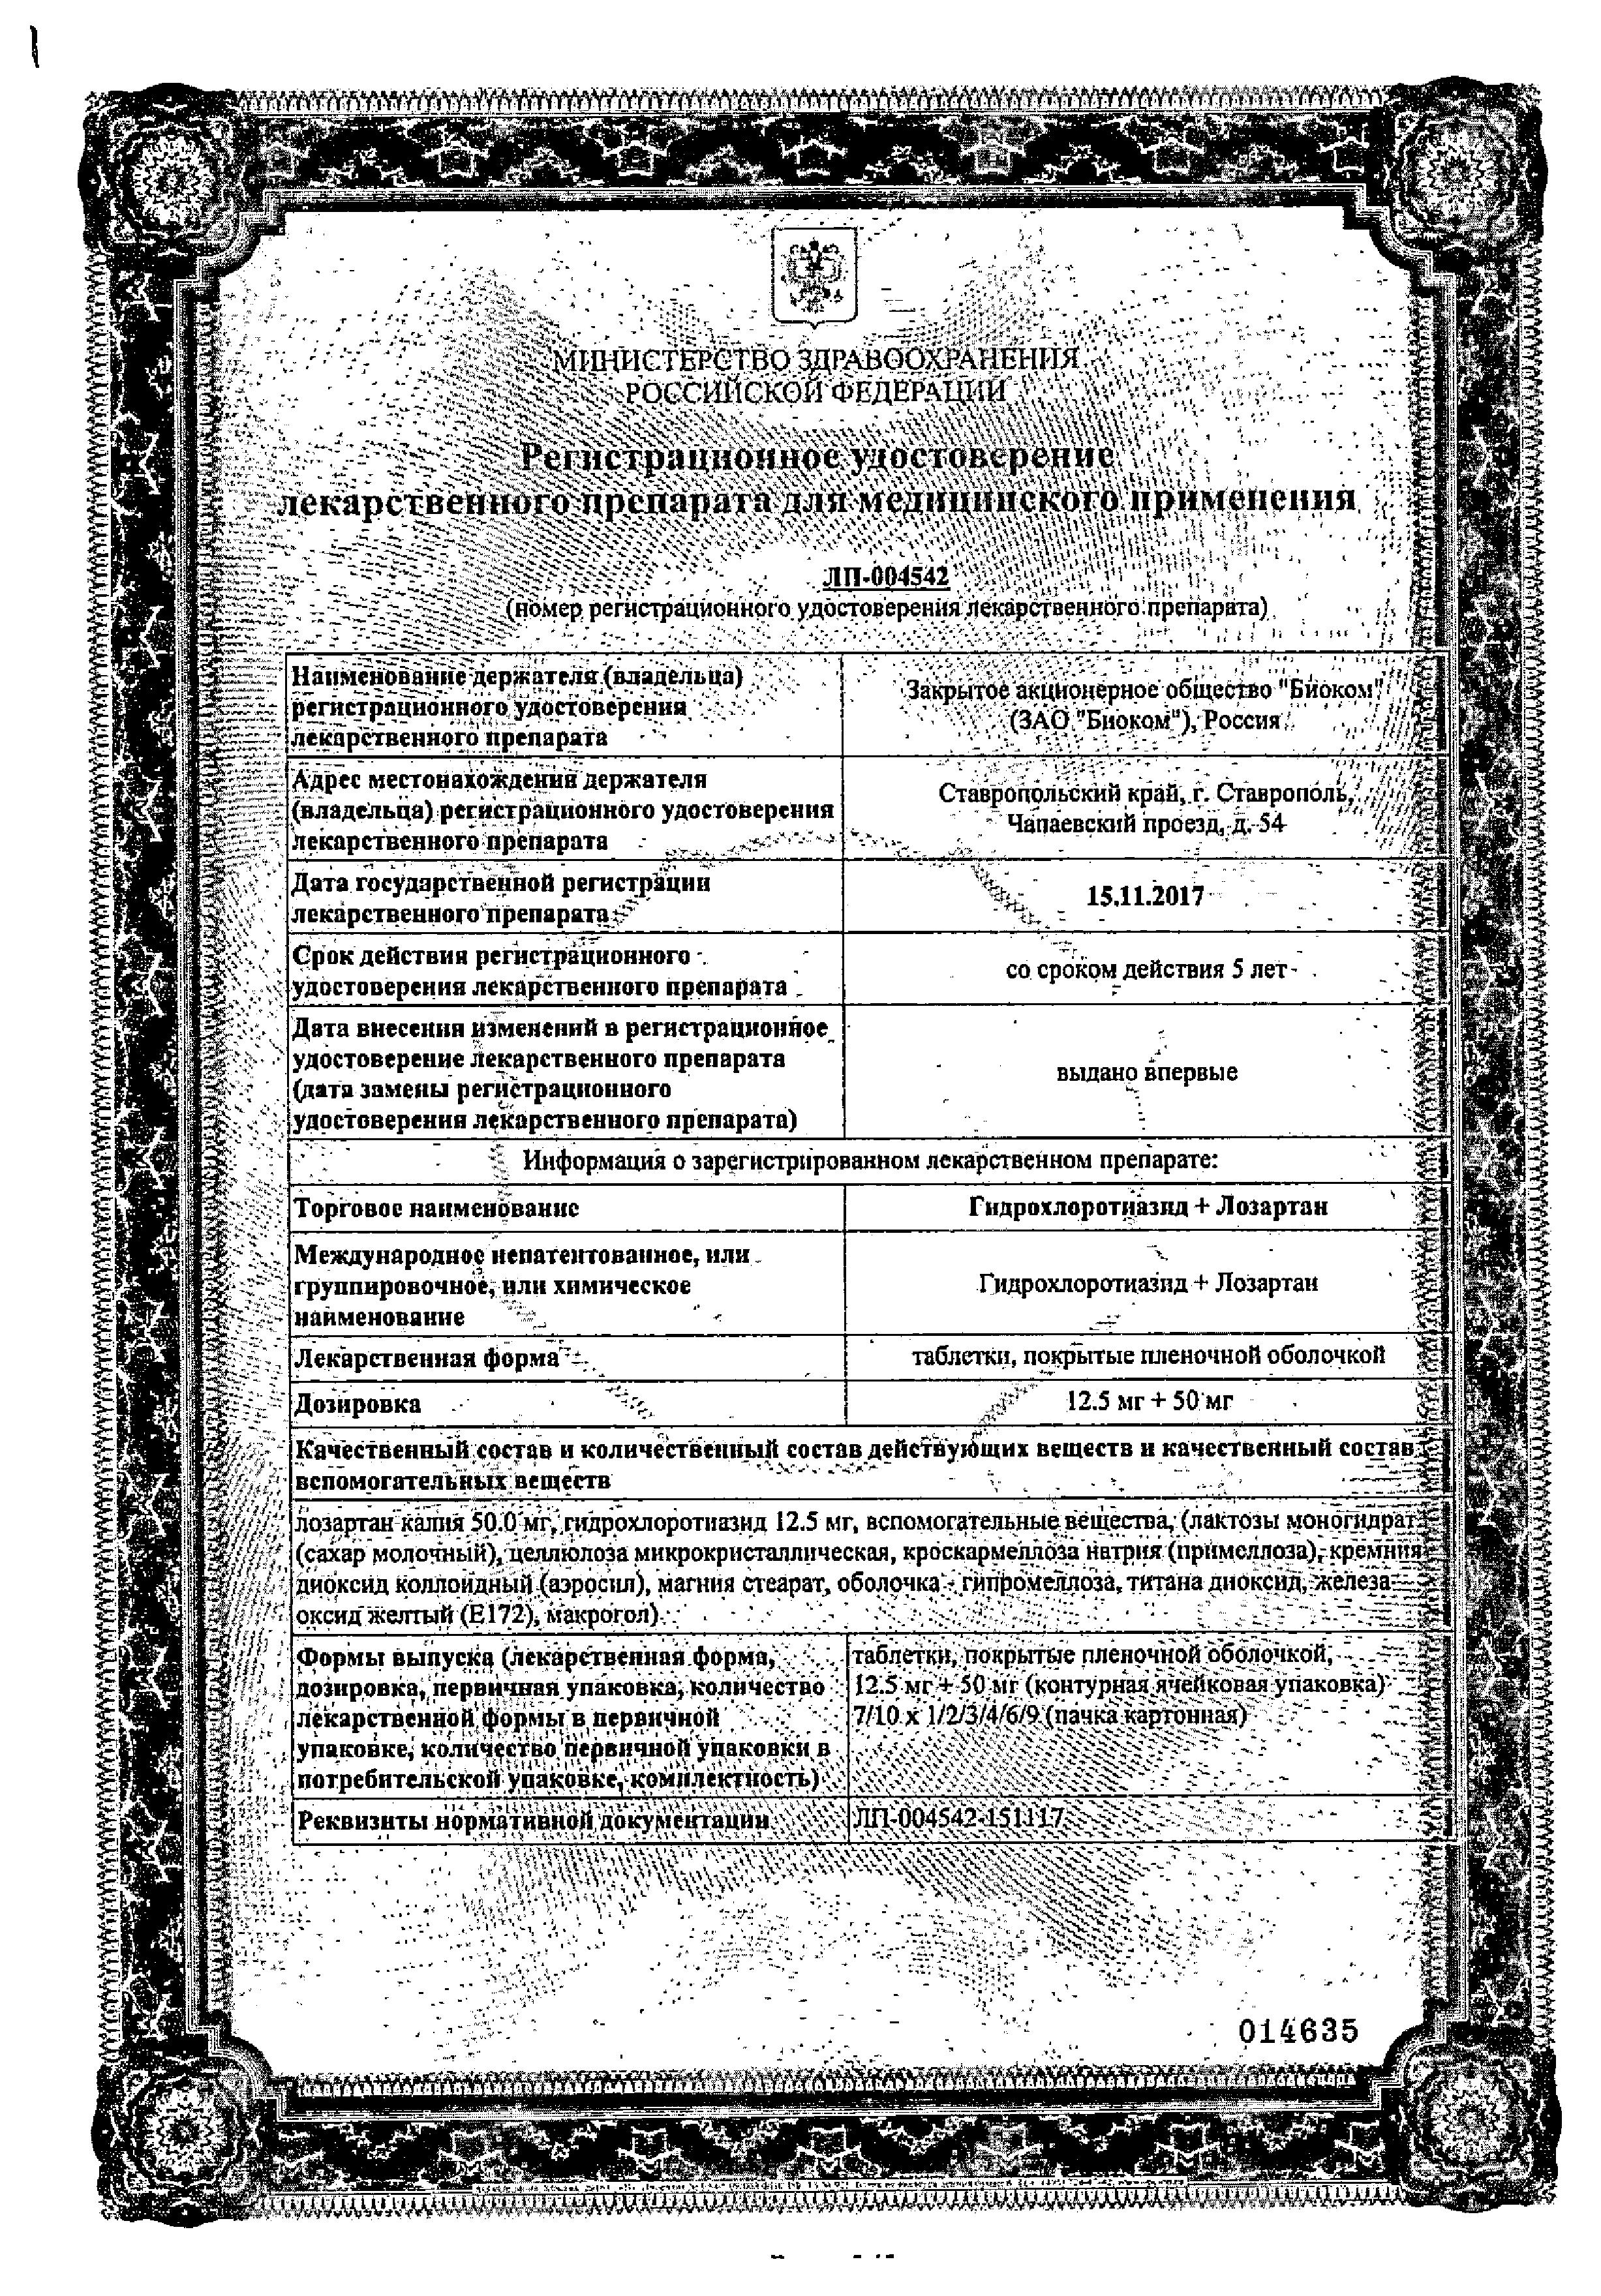 Гидрохлоротиазид + Лозартан сертификат